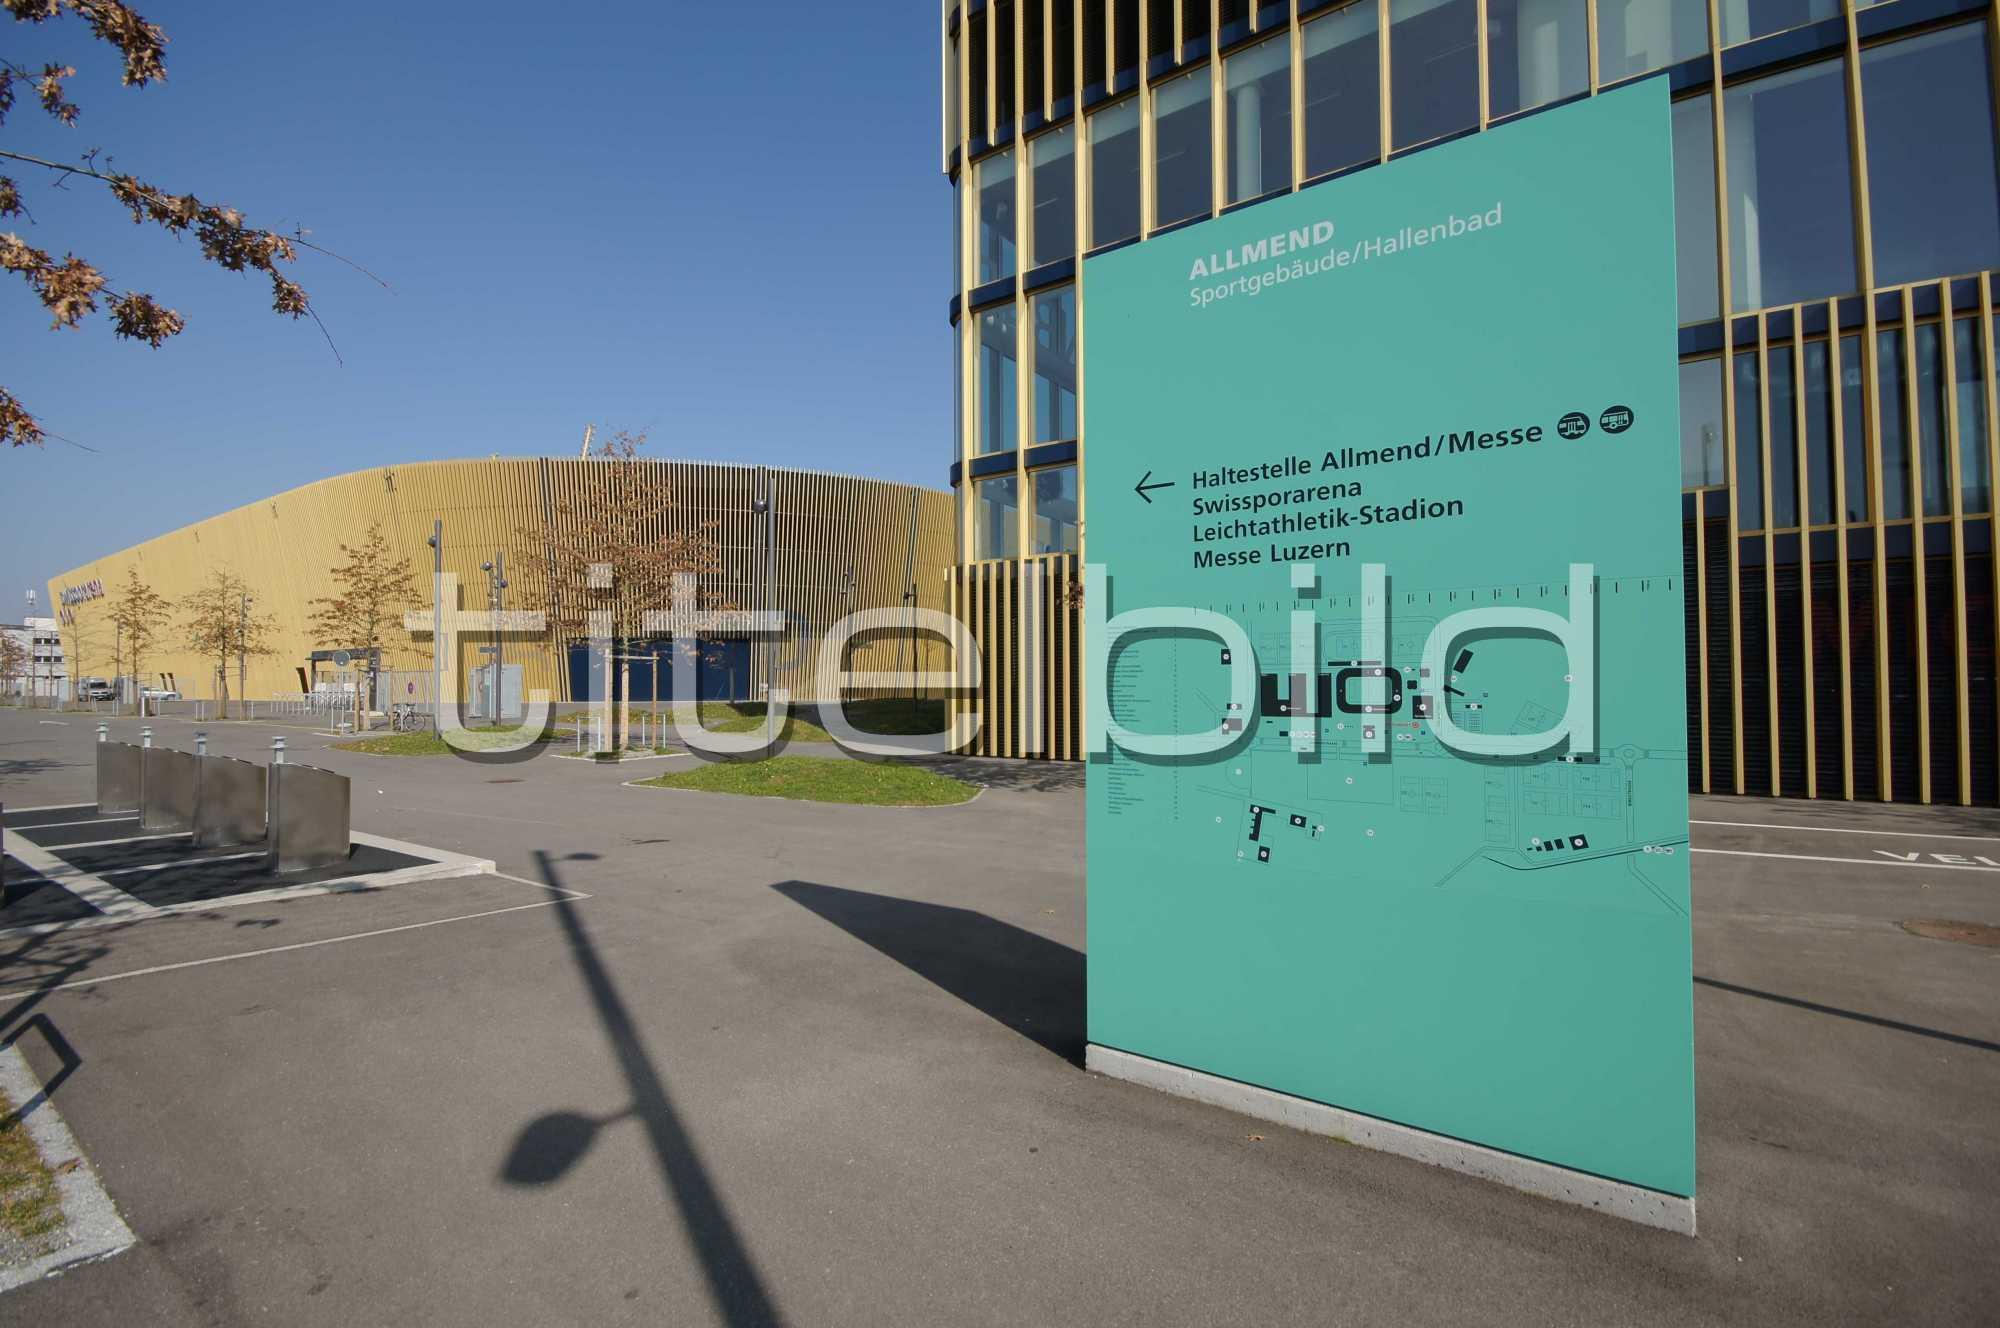 Projektbild-Nr. 5: Sportgebäude, Hallenbad Allmend